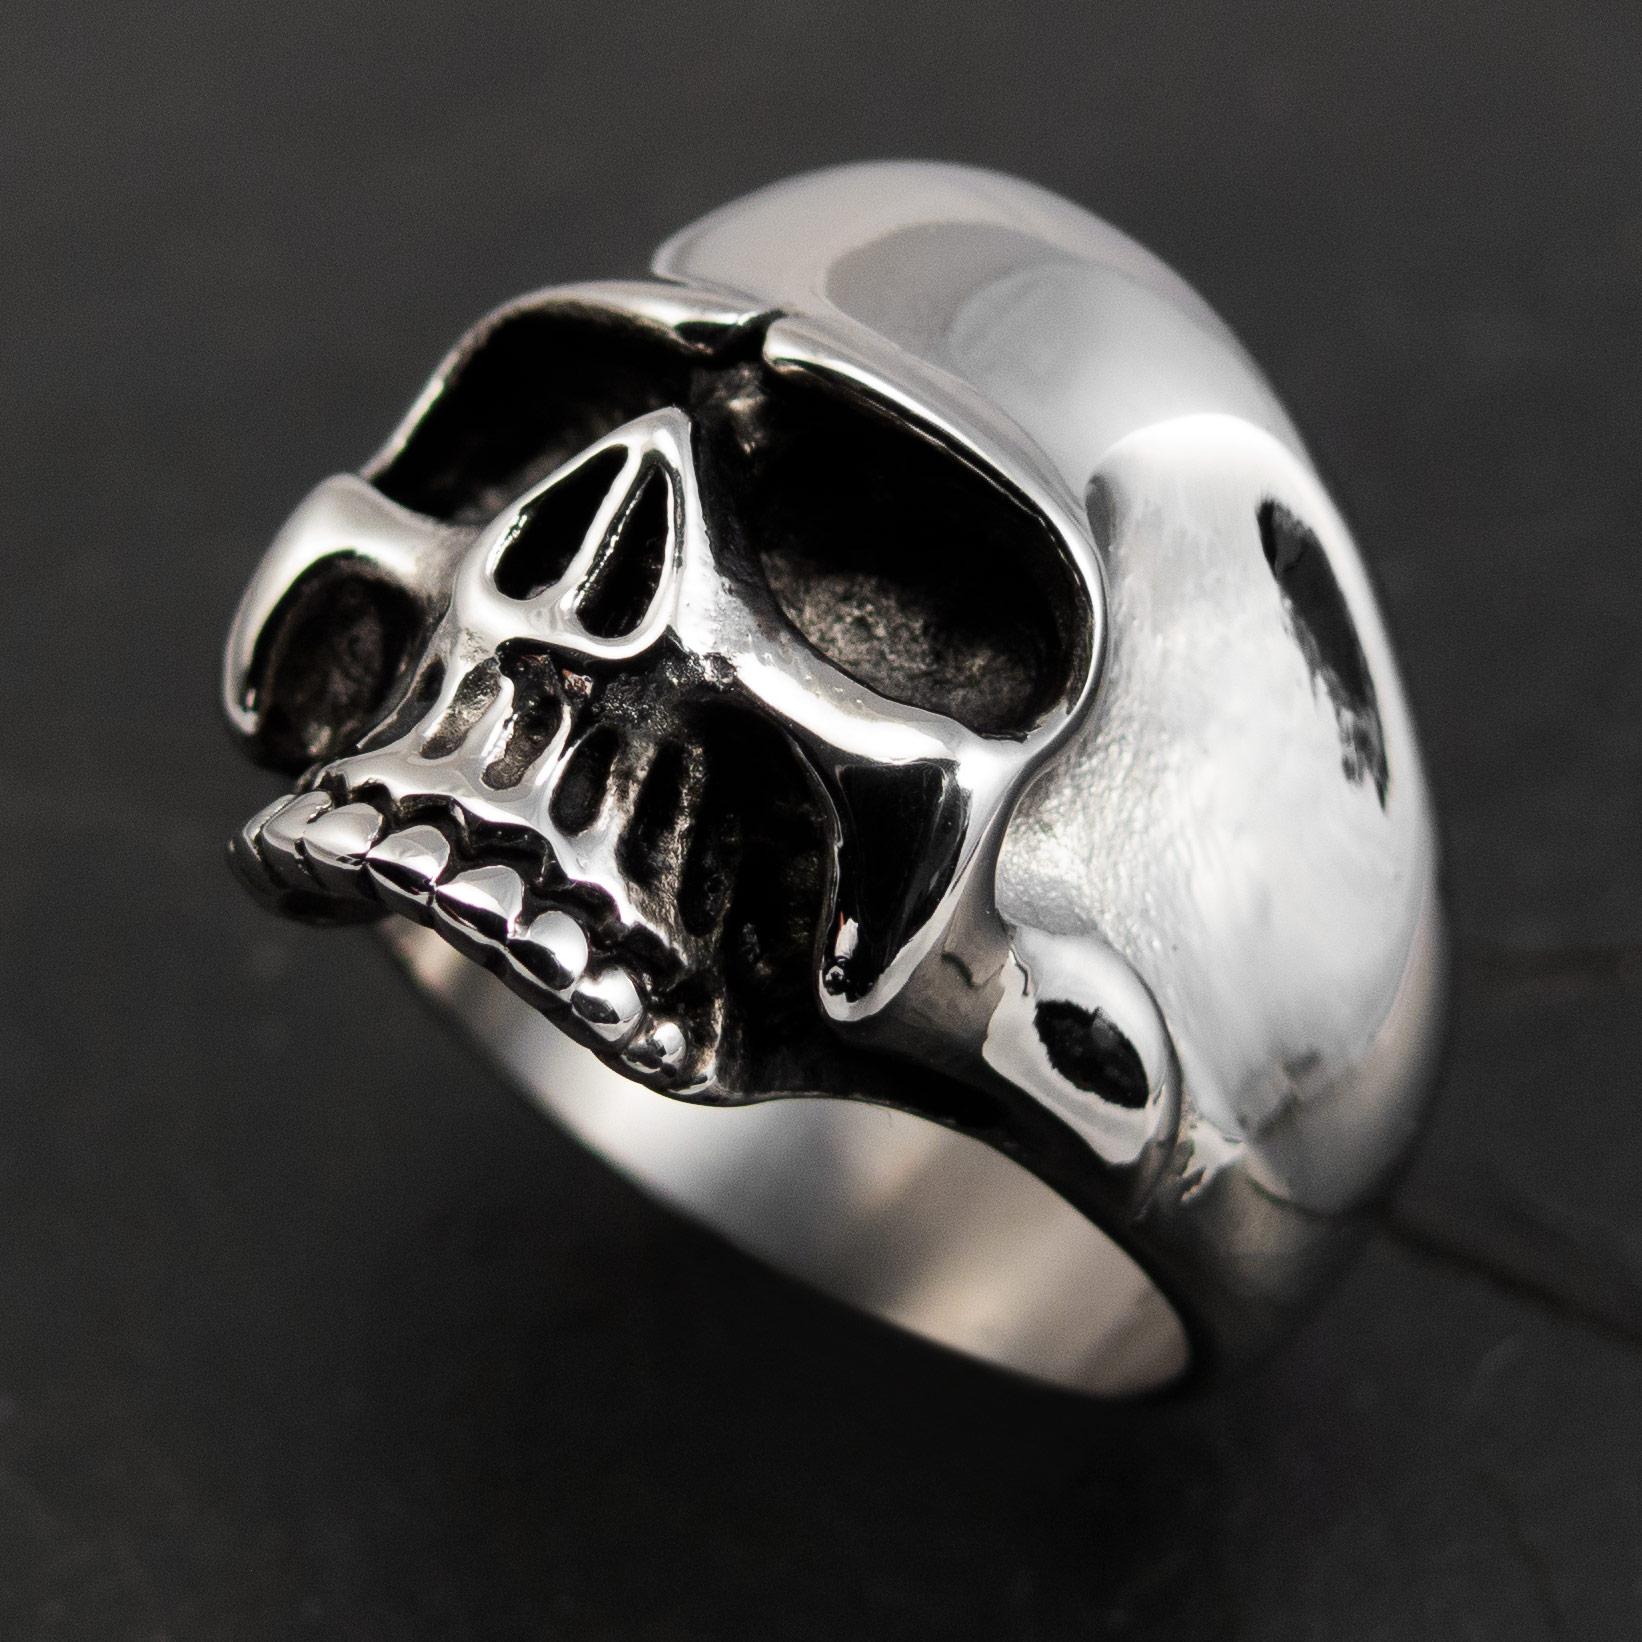 Klassischer Totenkopf-Ring Keith Richards aus 316L Edelstahl